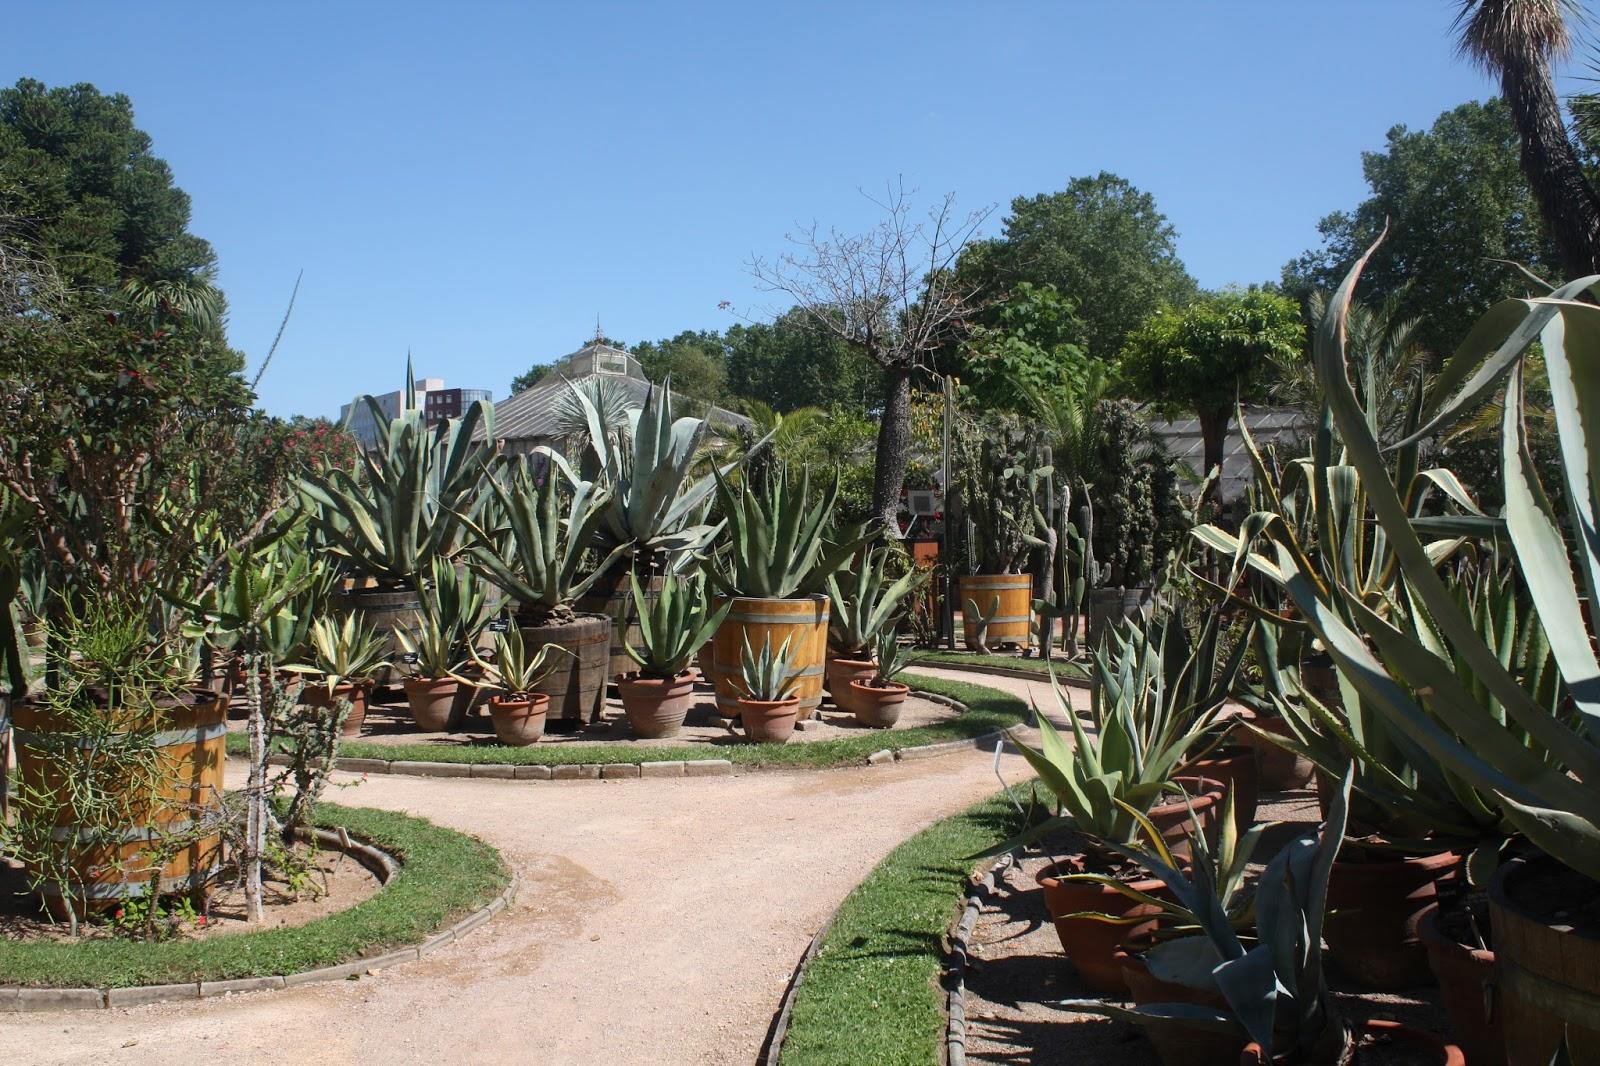 Lyon parc de la tete d or 2 le jardin mexicain mes petits carnets blog voyage escapades - Jardin villemanzy lyon lyon ...